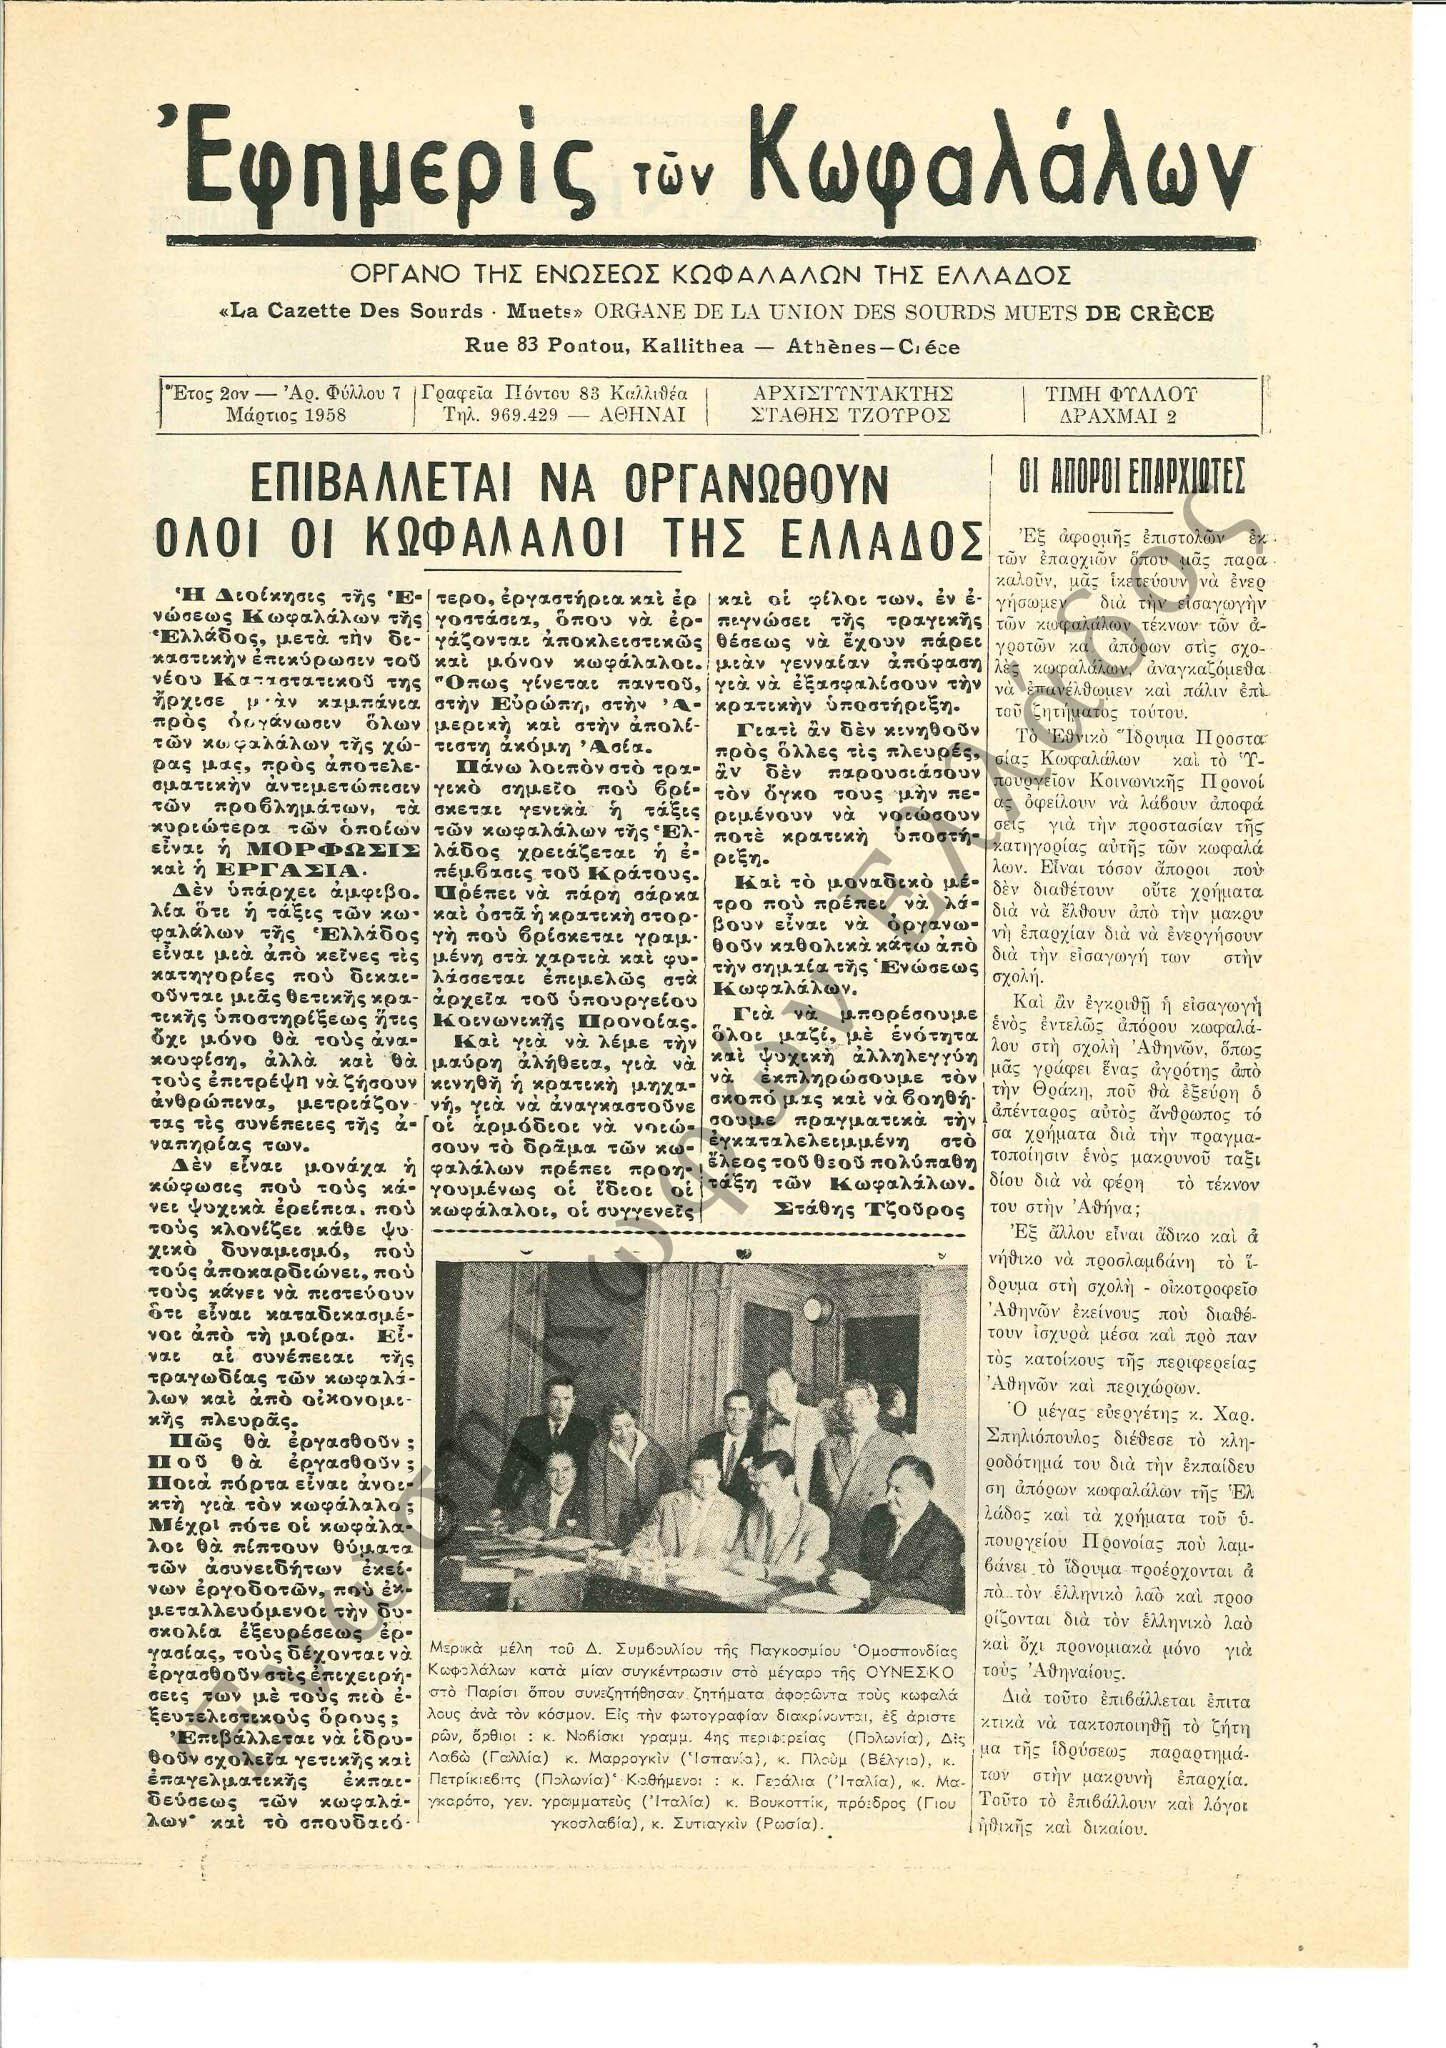 Εφημερίς των Κωφαλάλων 1958-Μάρτιος 1